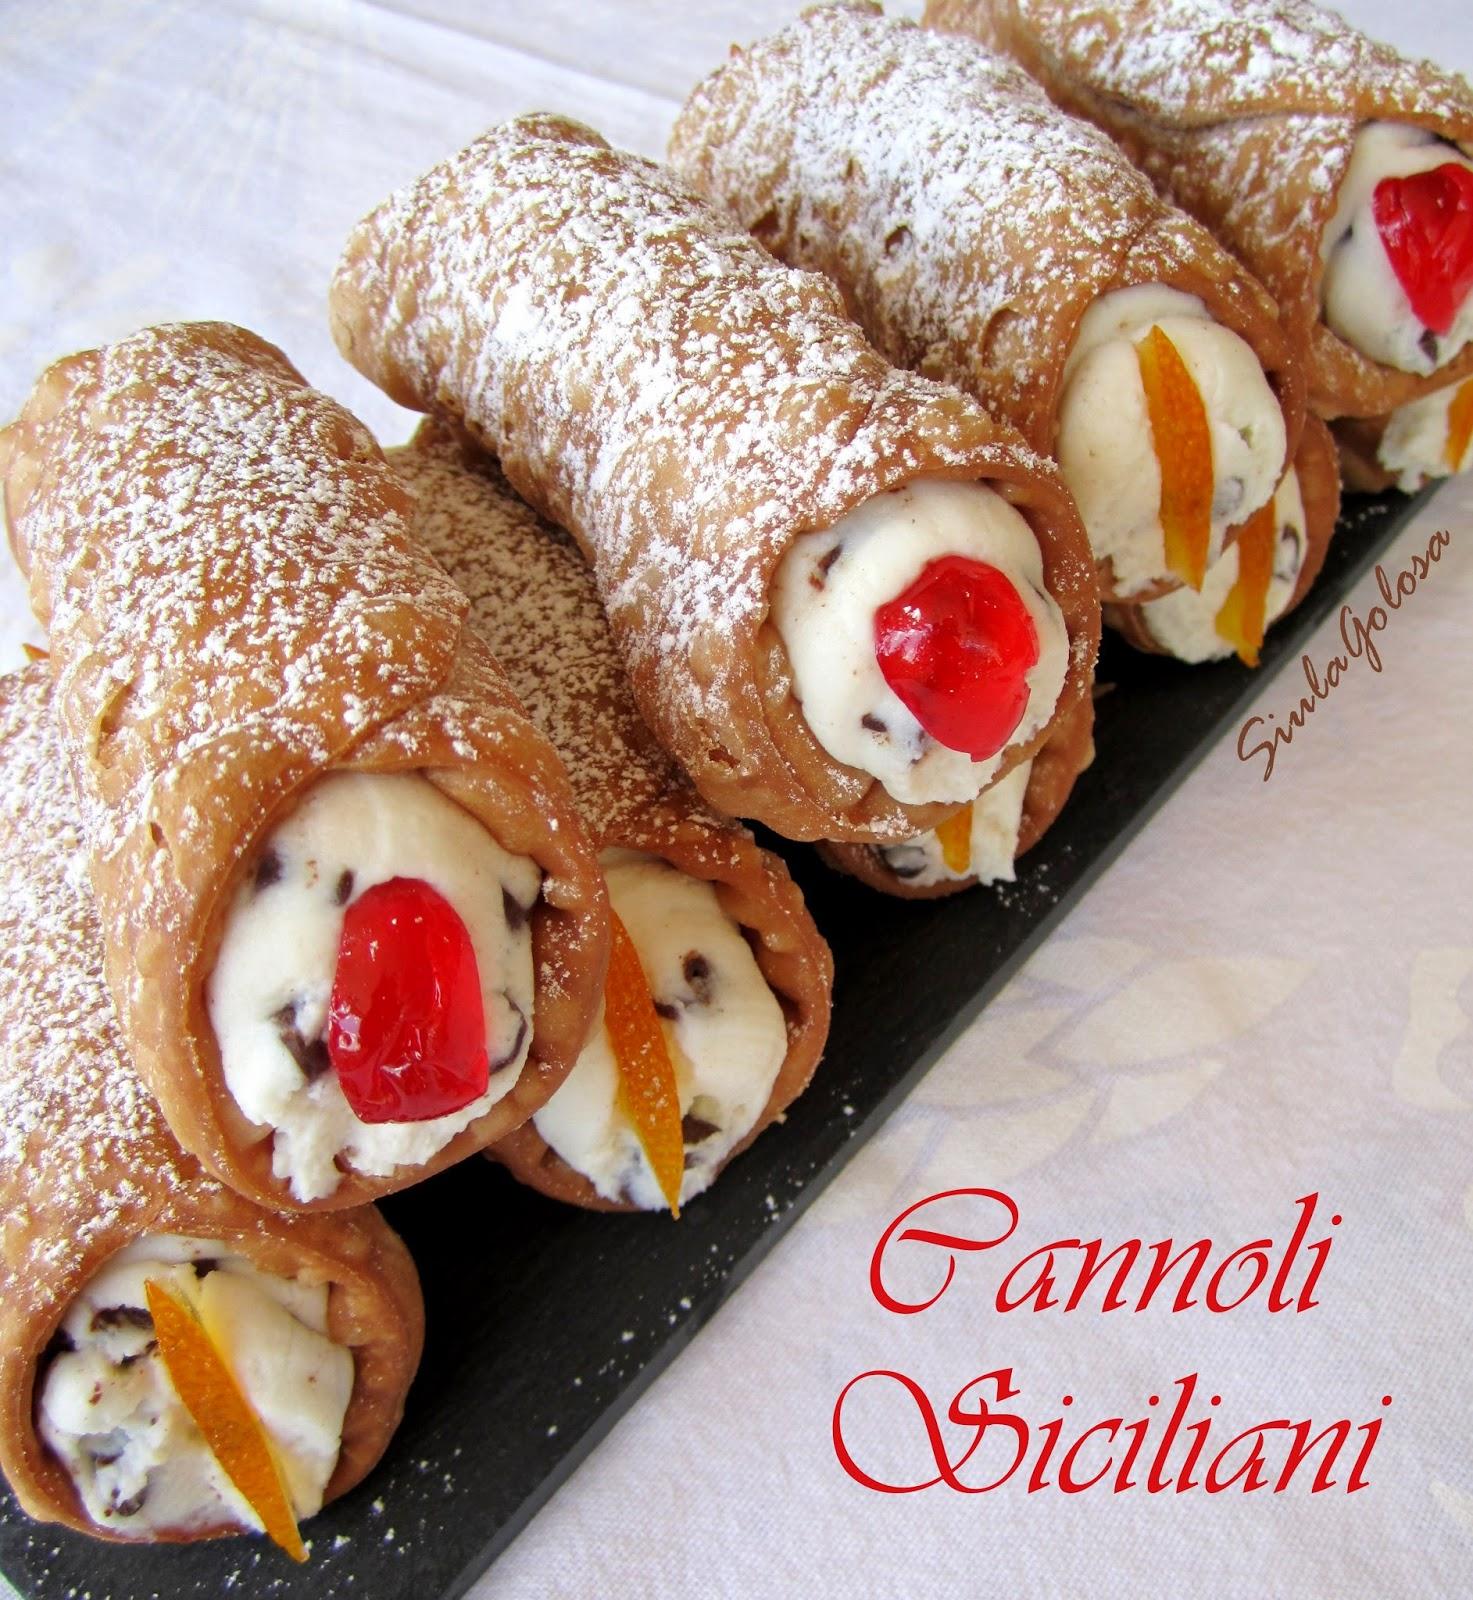 Siula Golosa Cannoli Siciliani